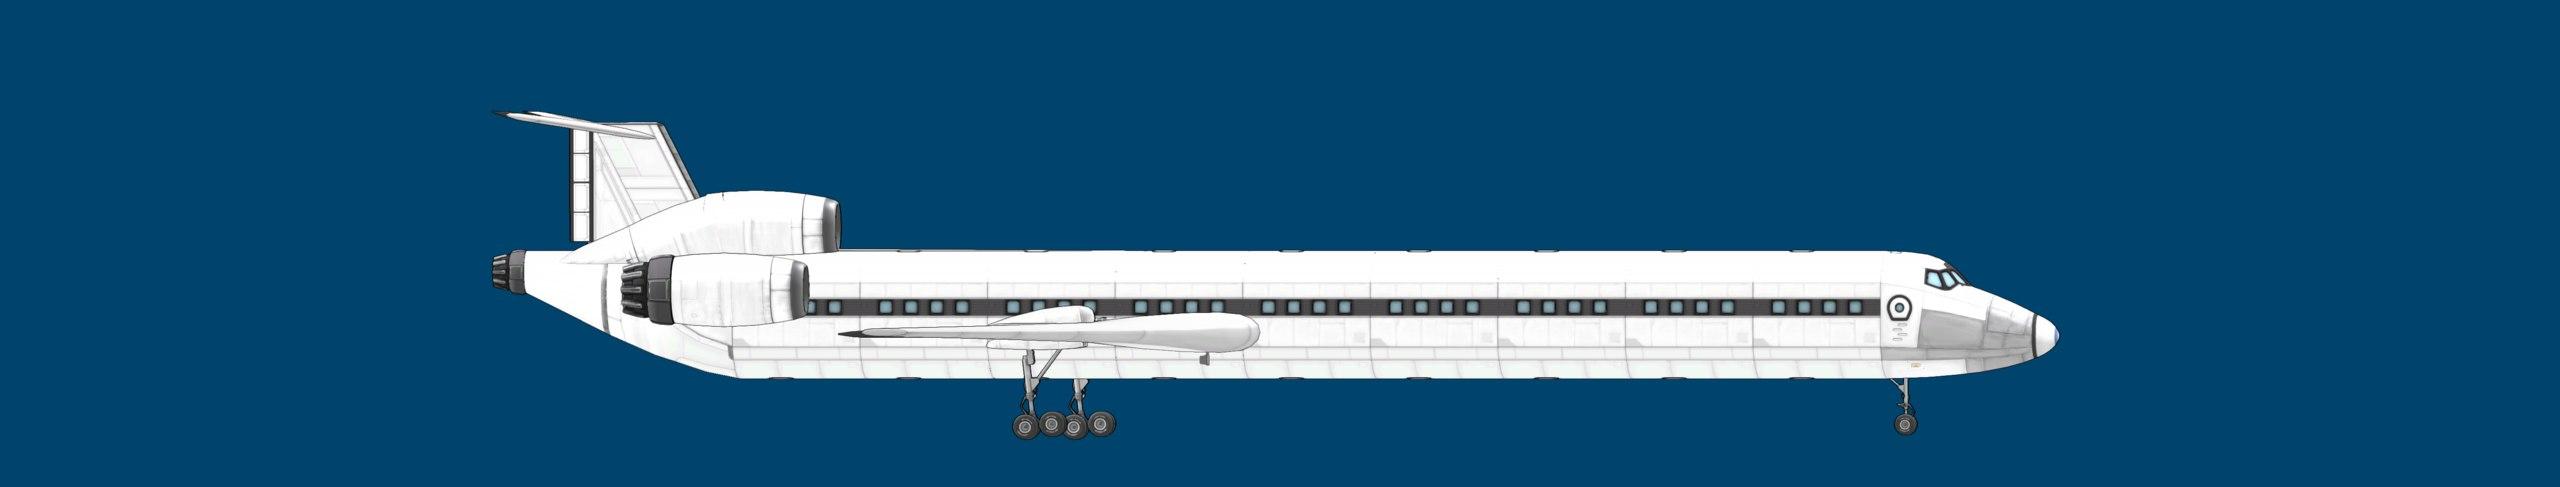 Kupolev Ku-154